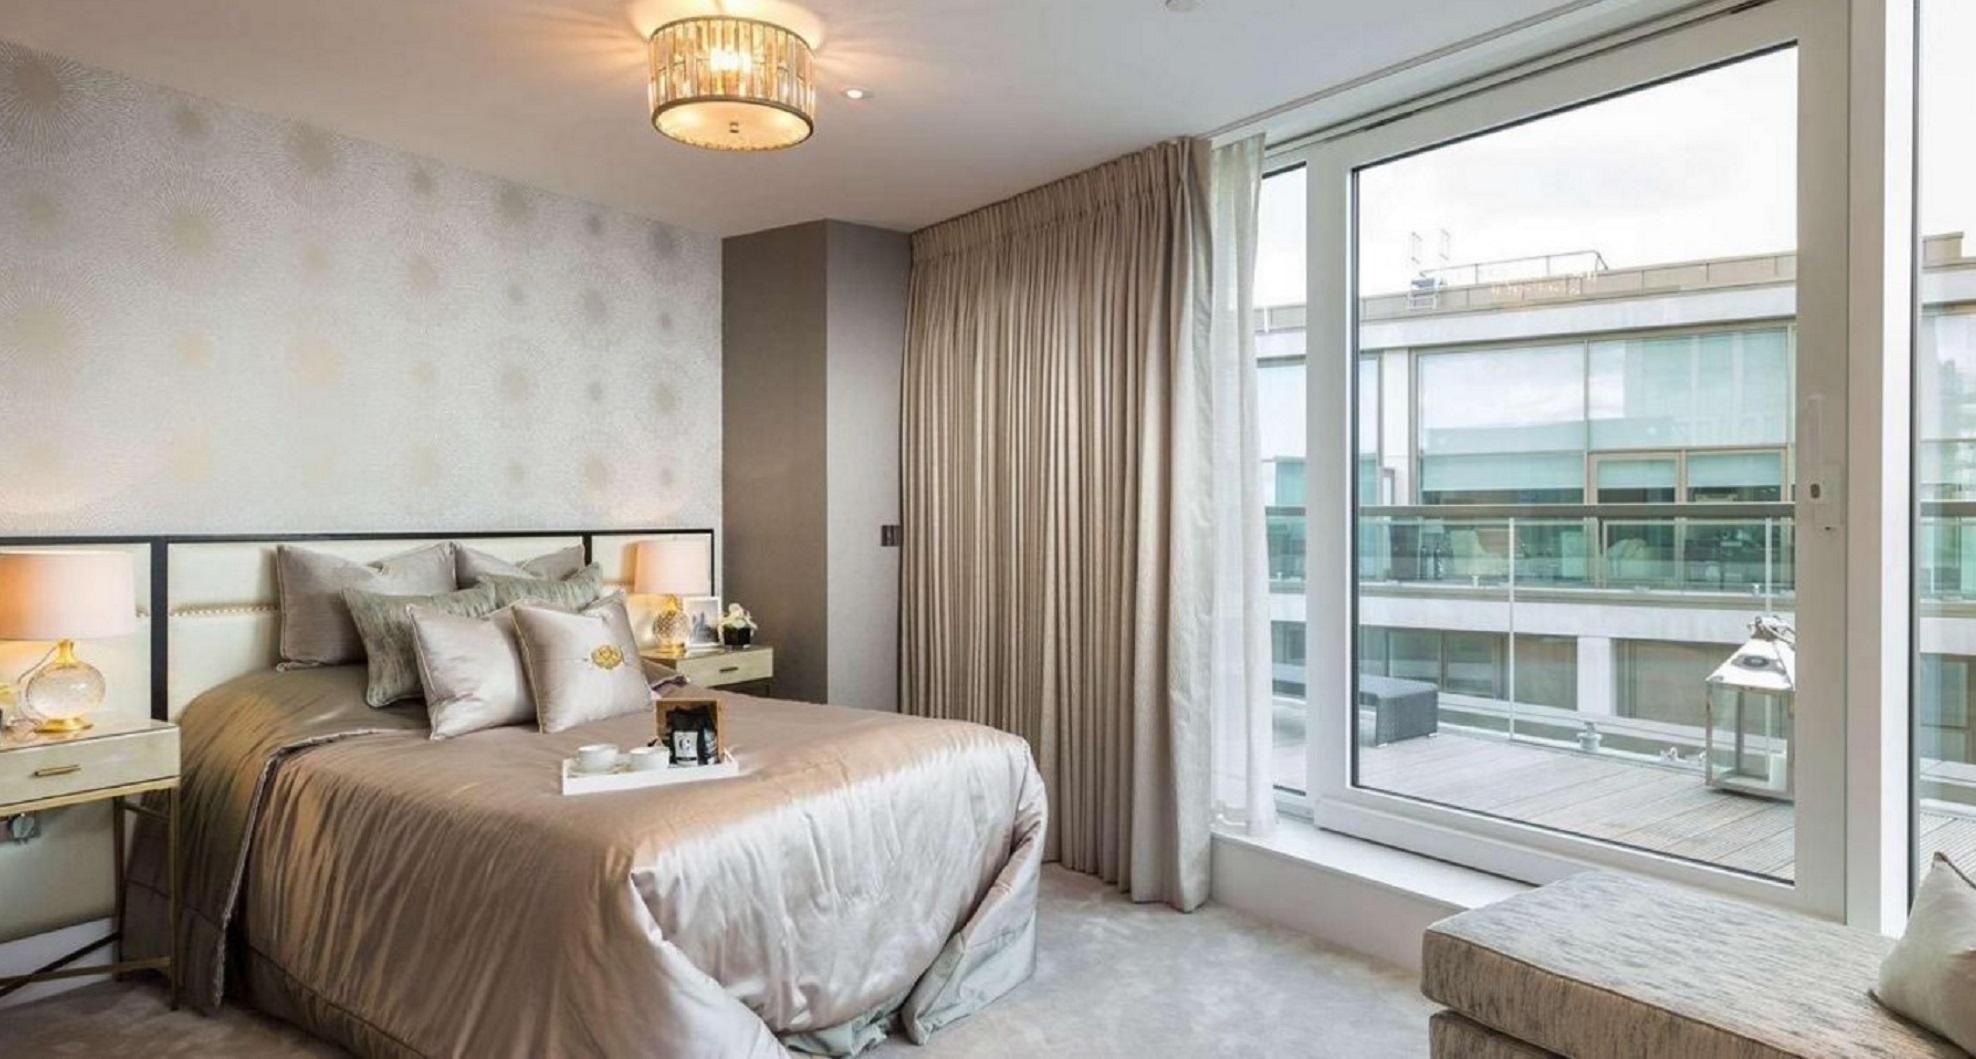 Los lujosos departamentos que recibirán a las familias son parte de las 120 viviendas accesibles que se construyen en la zona (berkeleygroup.co.uk)